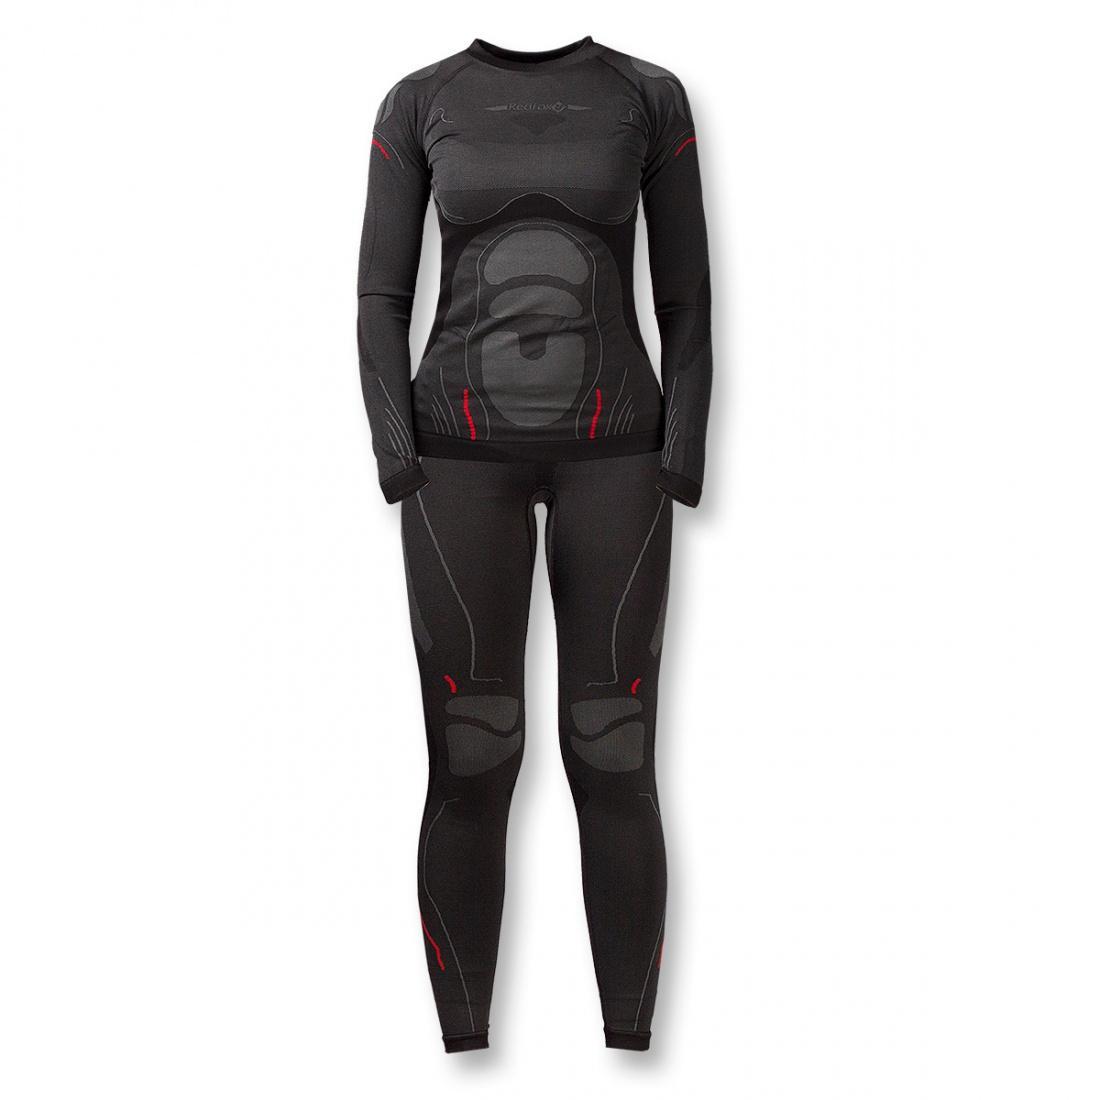 Термобелье костюм Dry Zone ЖенскийКомплекты<br><br> Теплое и очень тонкое зональное термобелье, поддерживает идеальный микроклимат тела и обеспечиваетмаксимум комфорта и свободу движе...<br><br>Цвет: Черный<br>Размер: 50-52